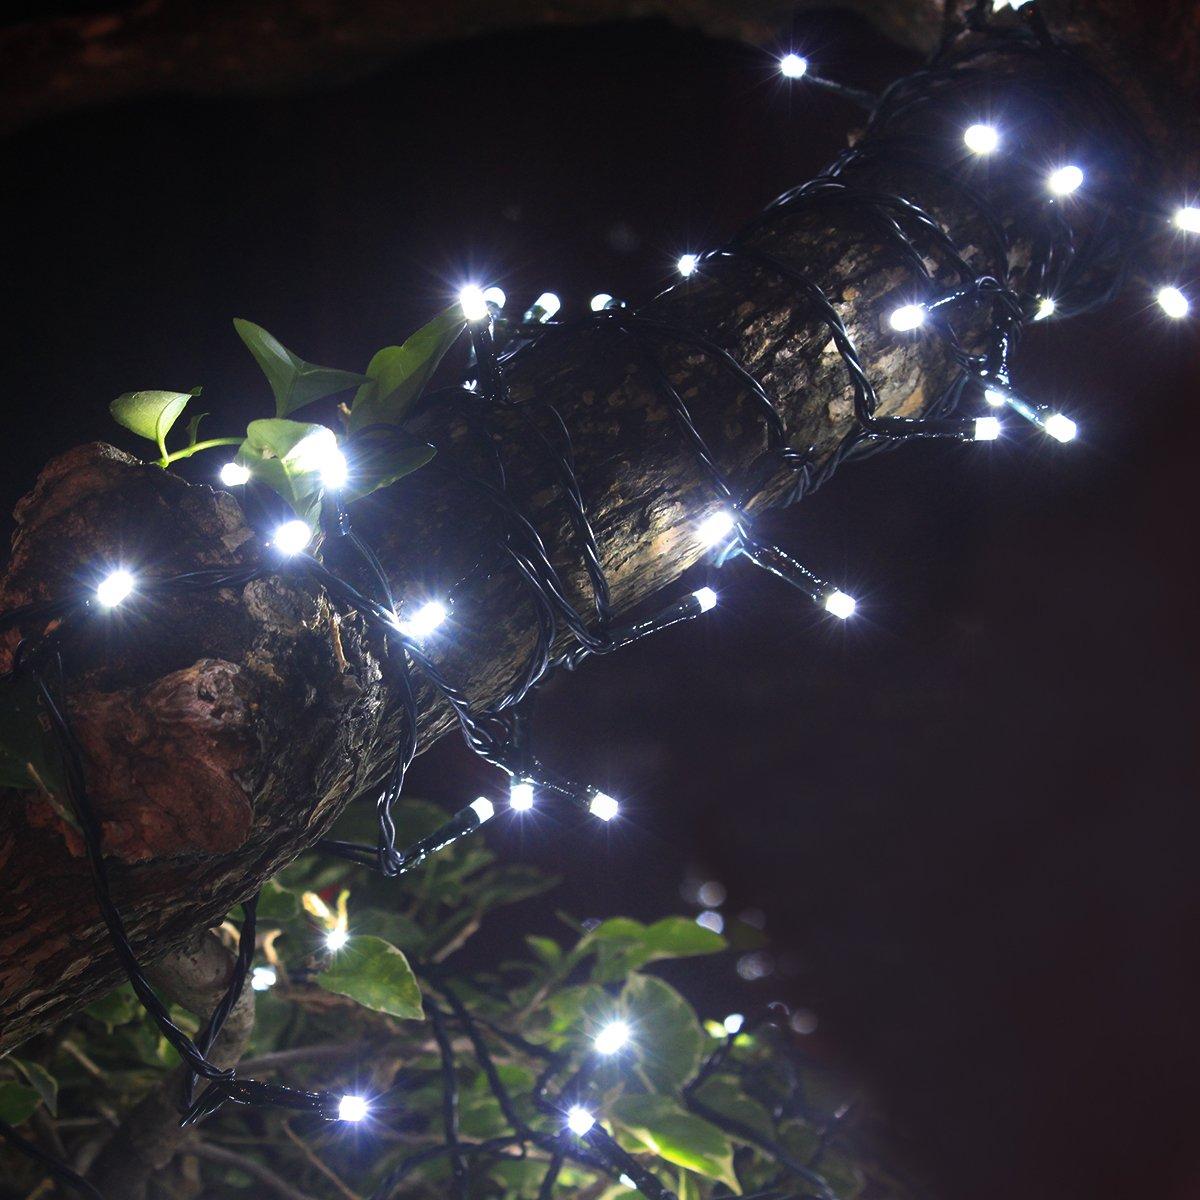 Addobbi Natalizi Giardino.Tuokay 22m 200 Led Luci Giardino Energia Solare Luci Da Esterno Luci Stringa Illuminazione Per Addobbi Natalizi Catene Decorazione Natalizie Albero Di